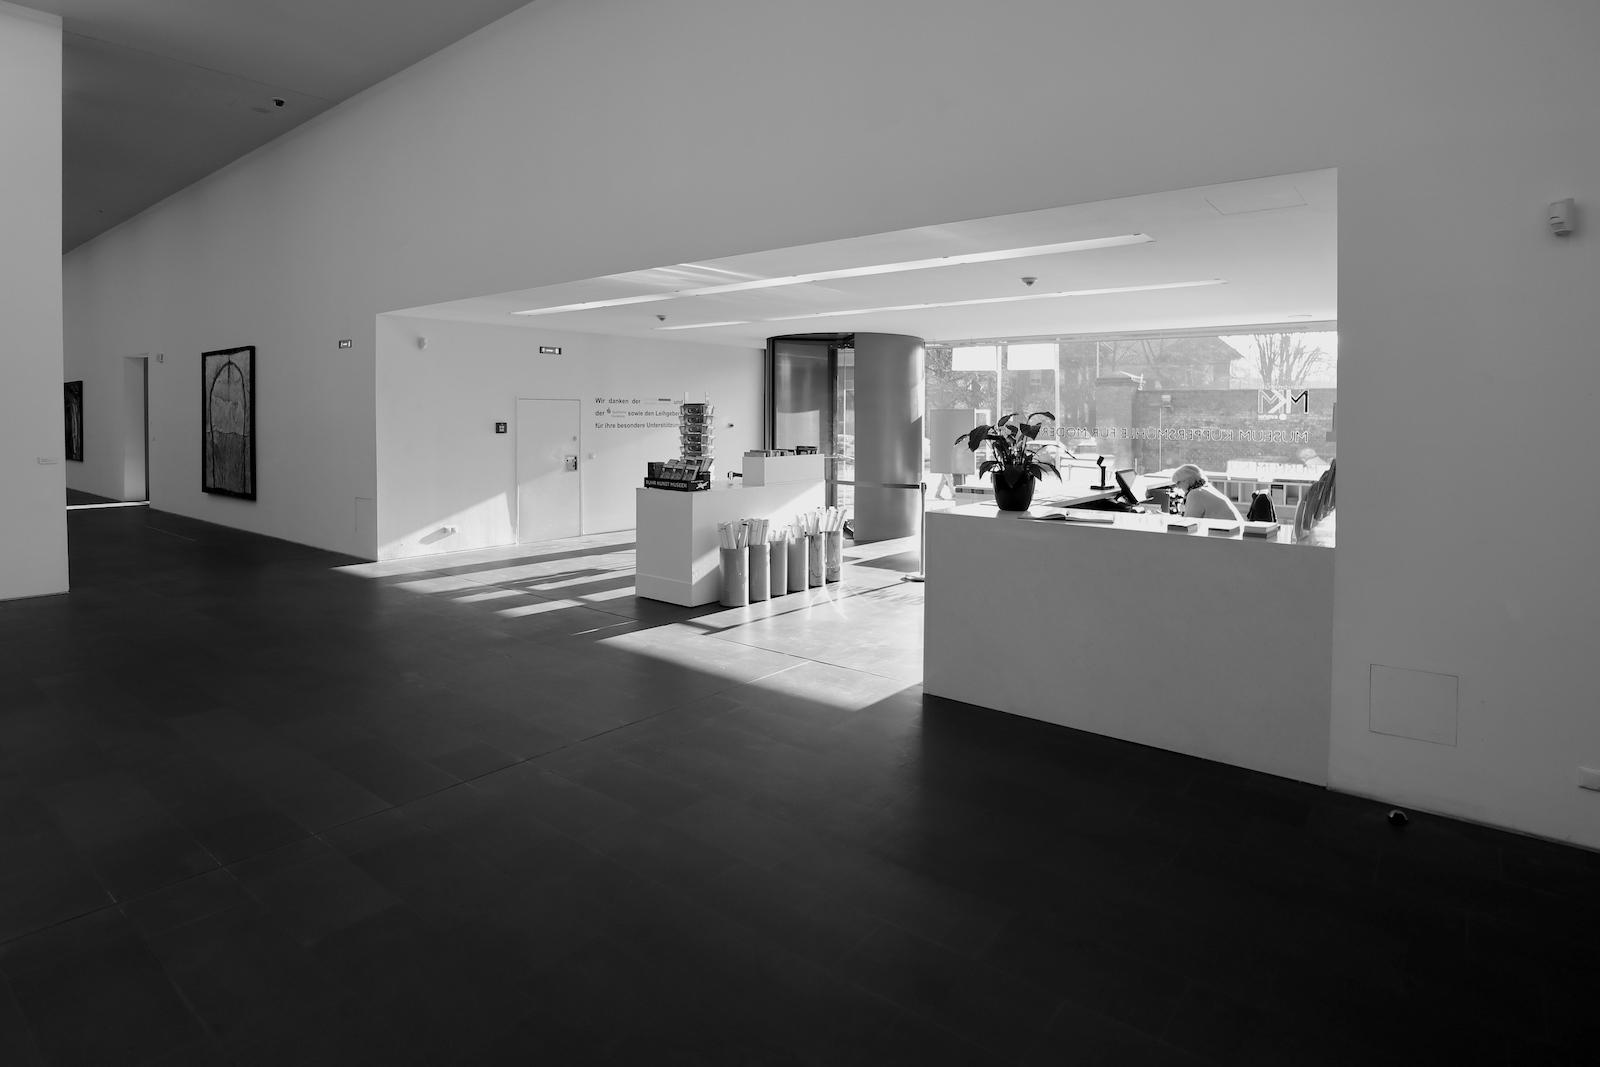 MKM Museum Küppersmühle für Moderne Kunst. Der Eingangsbereich des Museums